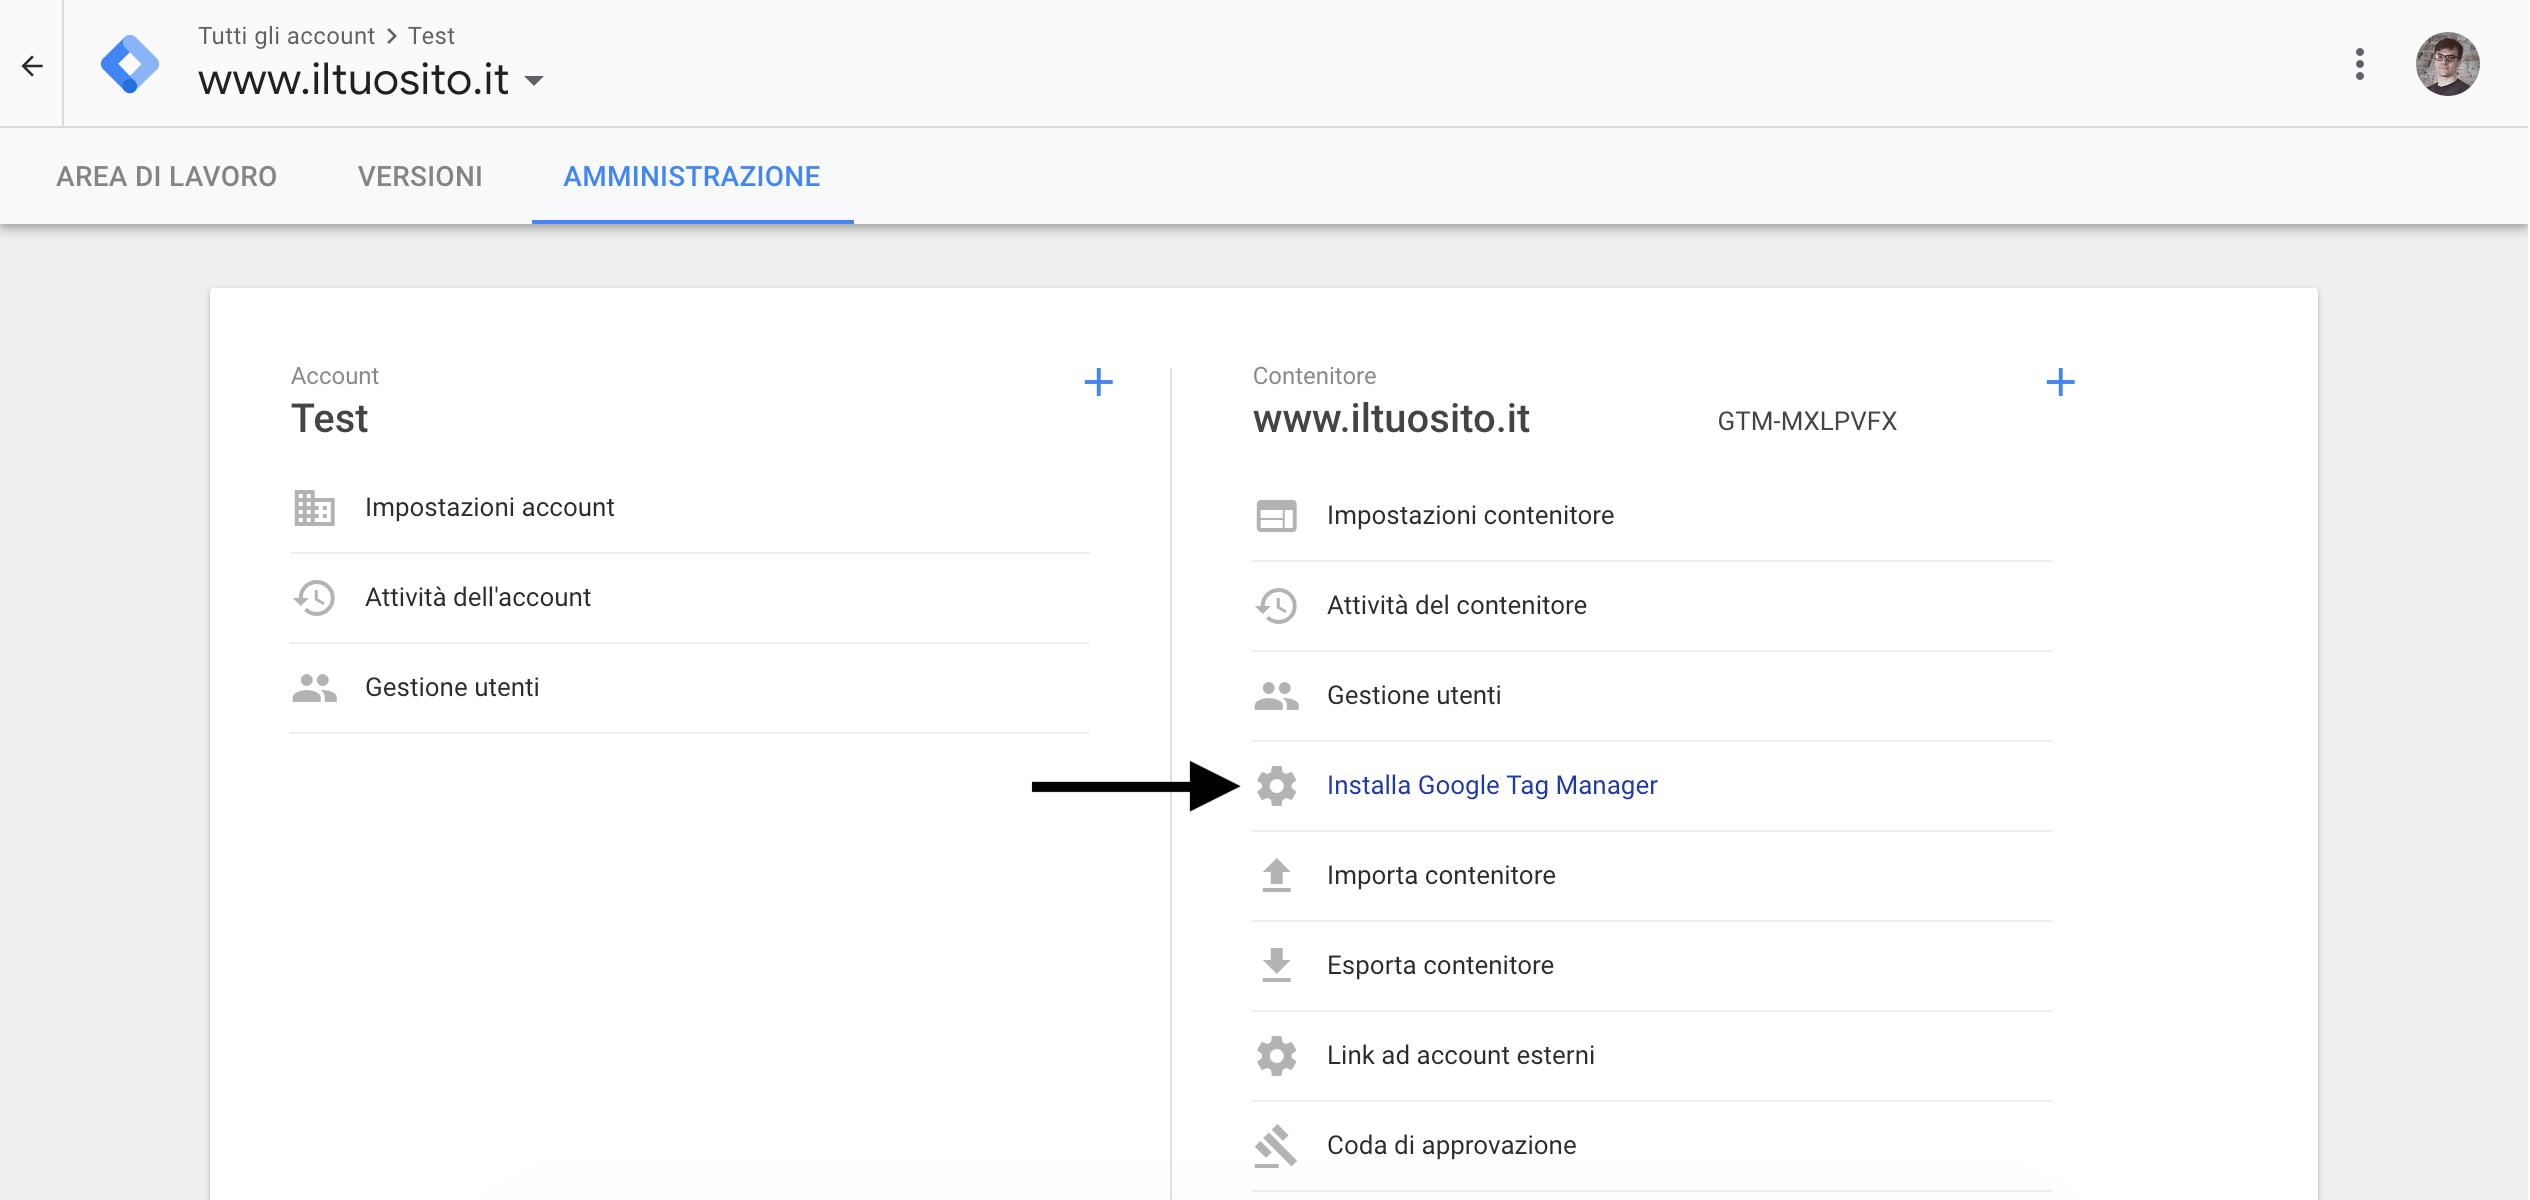 Google Tag Manager - Amministrazione